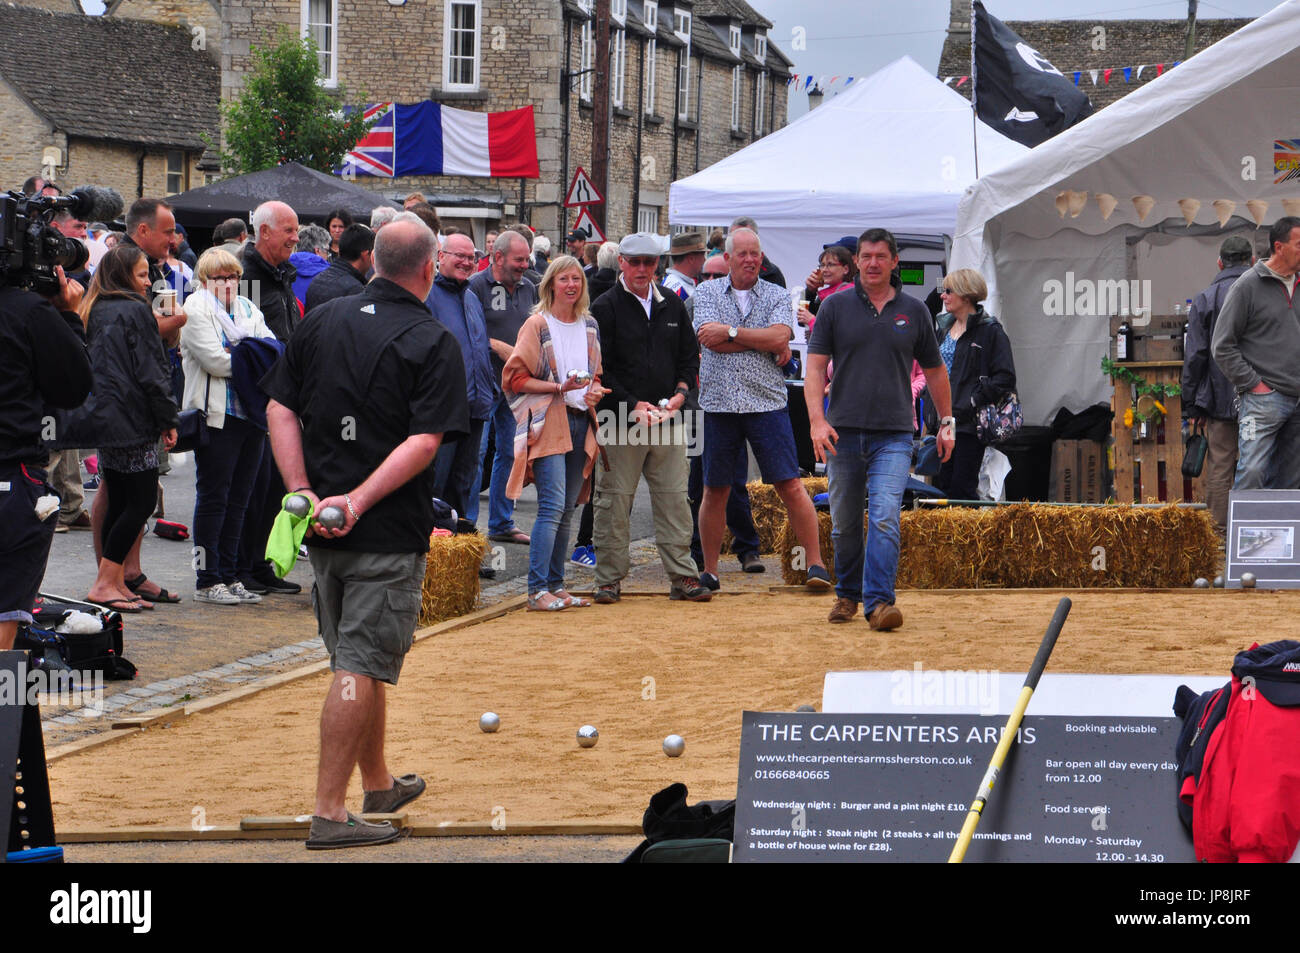 Boules Wettbewerb, jährliche Veranstaltung in sherston, uk. begeisterte Spieler konzentrieren. Stockbild